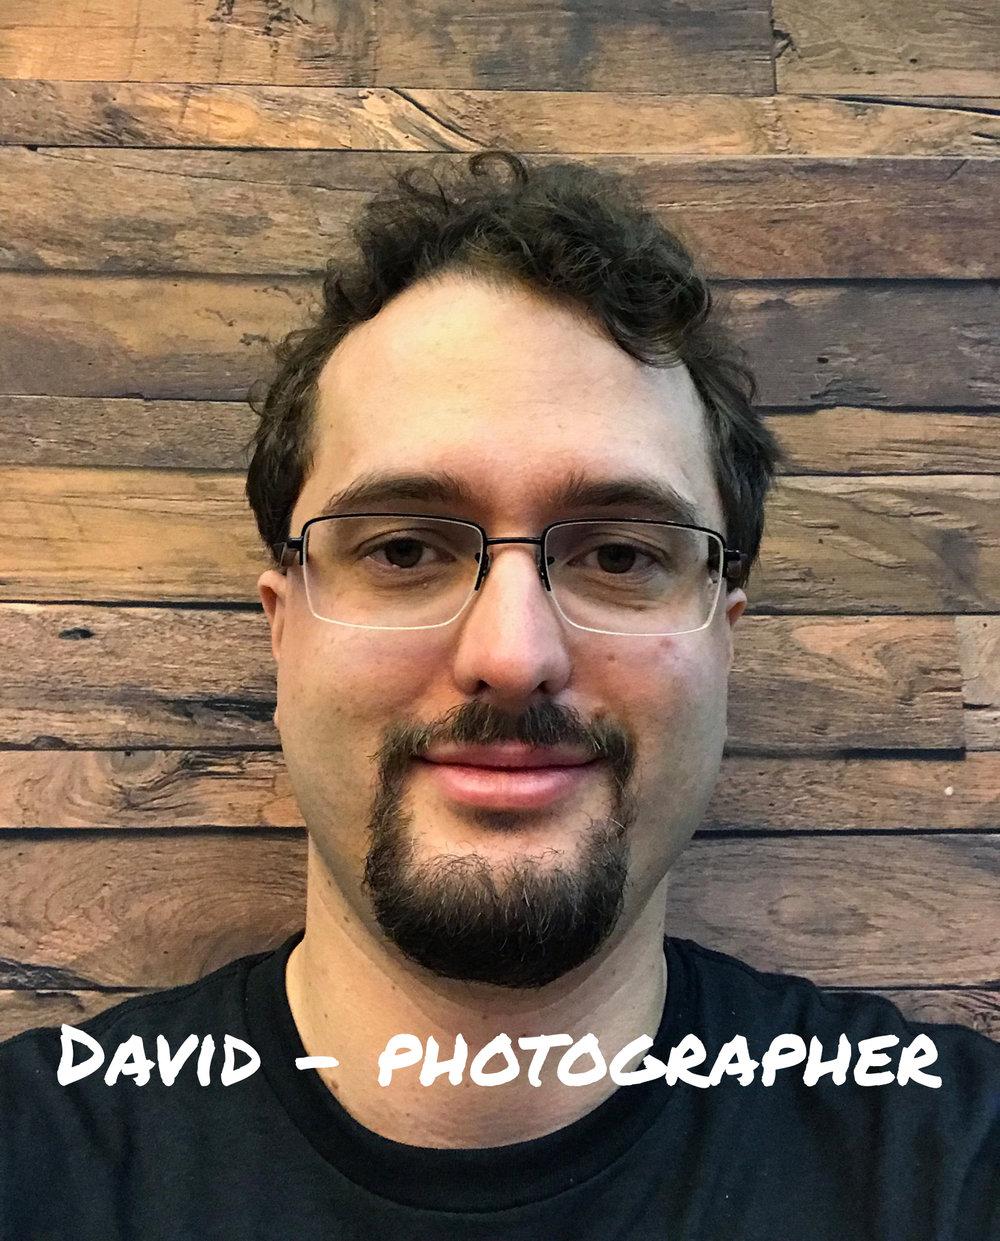 David Roberts - Photographer